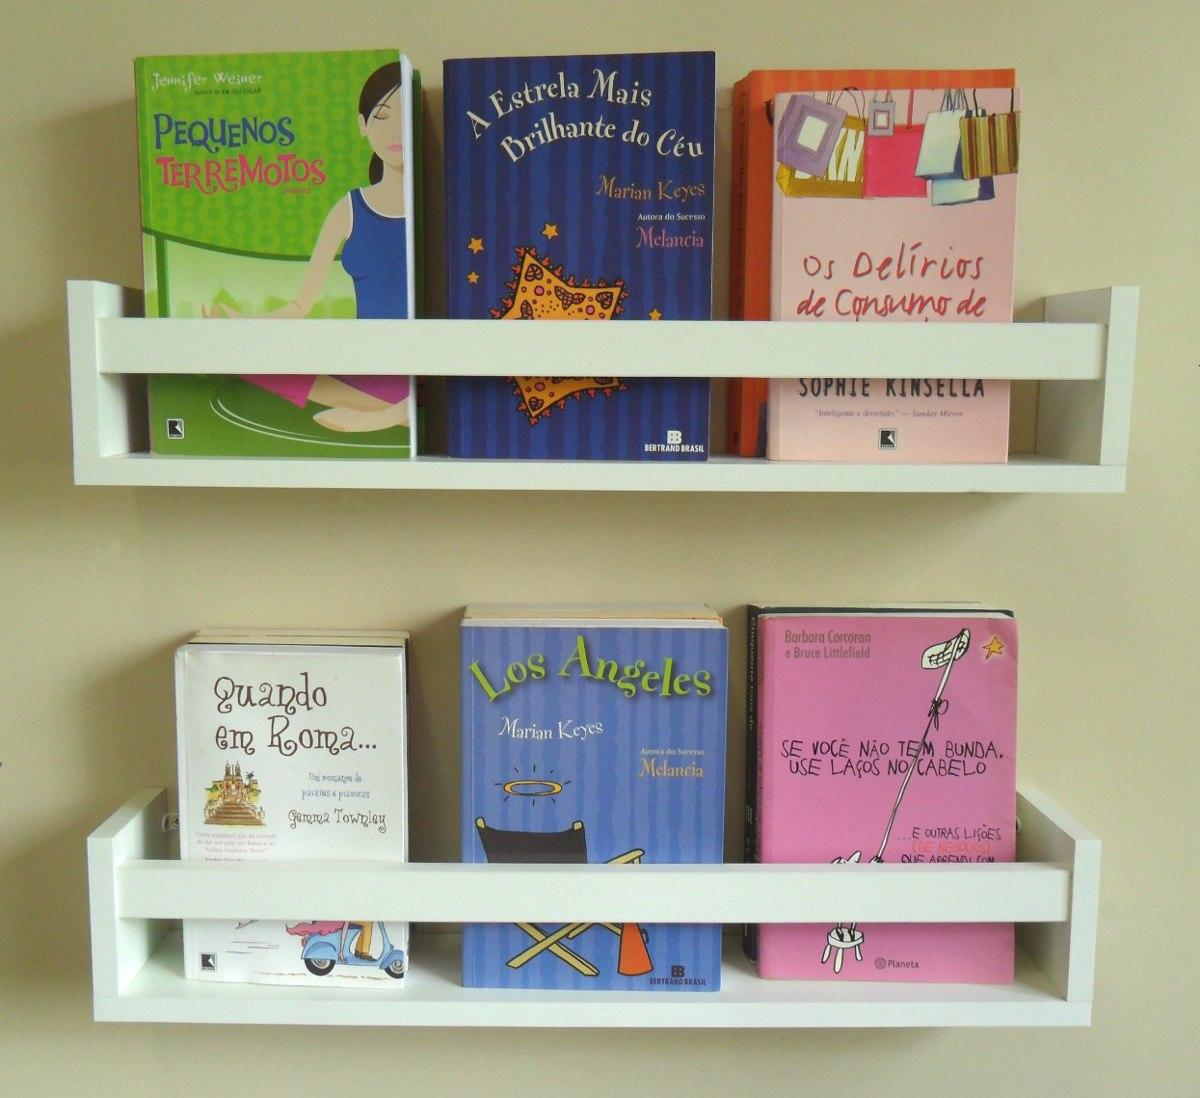 Prateleira Decorativa Livros Infantil U 60 L X 11 5 A X 10 P R$ 49  #73402A 1200x1098